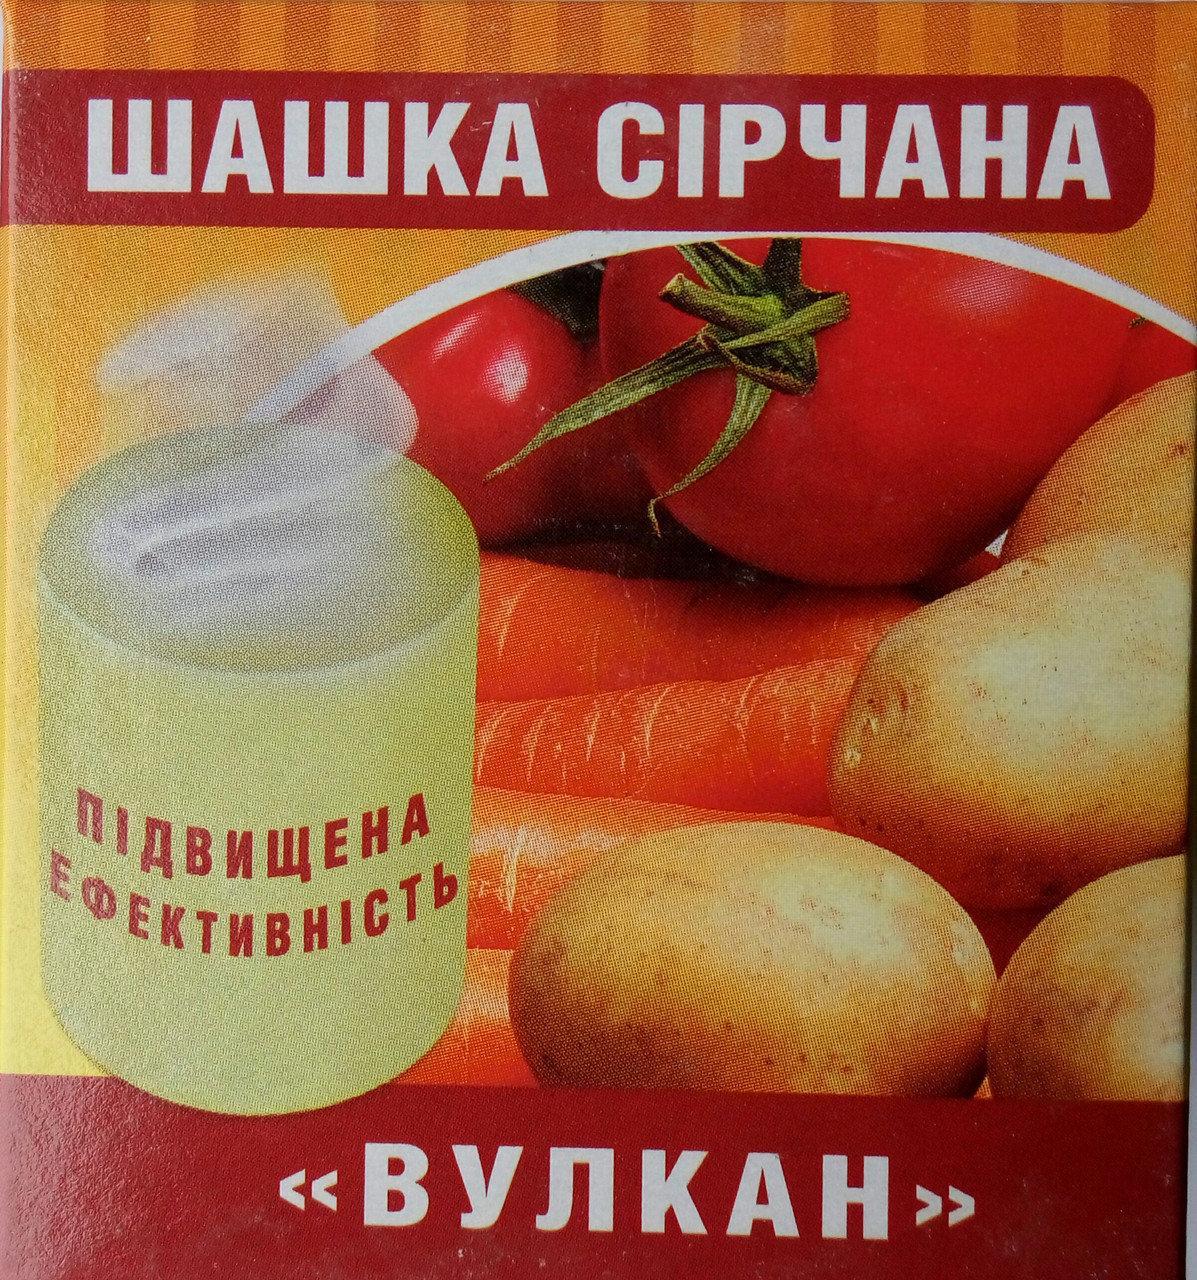 Шашка серная Вулкан для дезинфекции помещений 300г